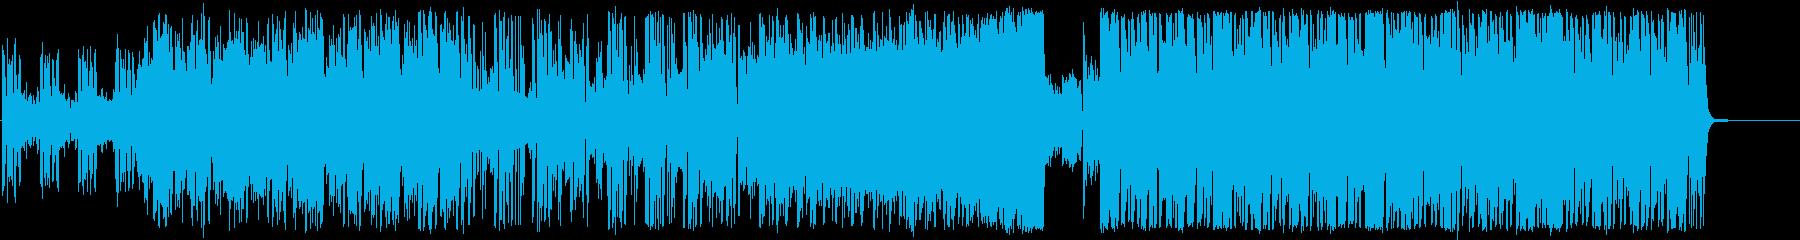 爽やかおしゃれEDM,フューチャーベースの再生済みの波形